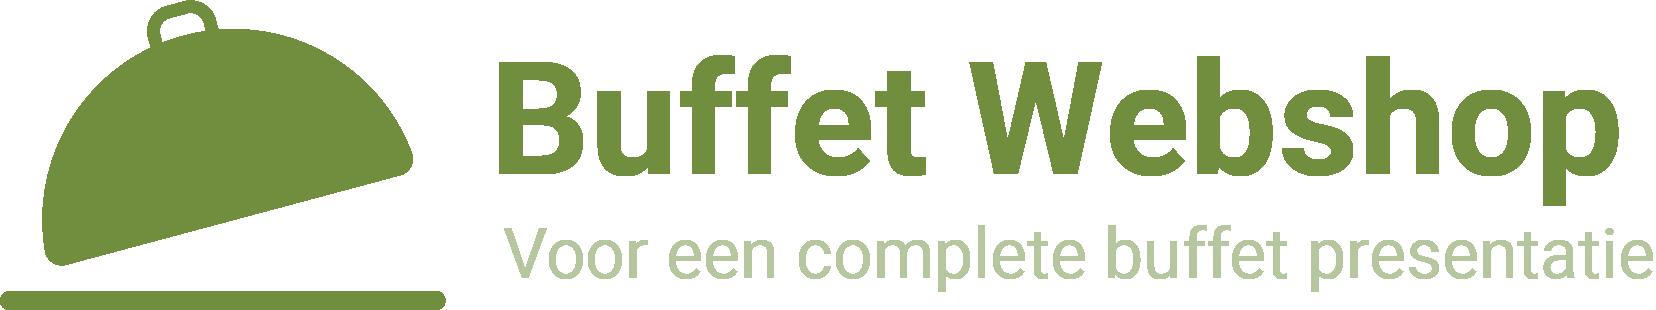 Buffetwebshop